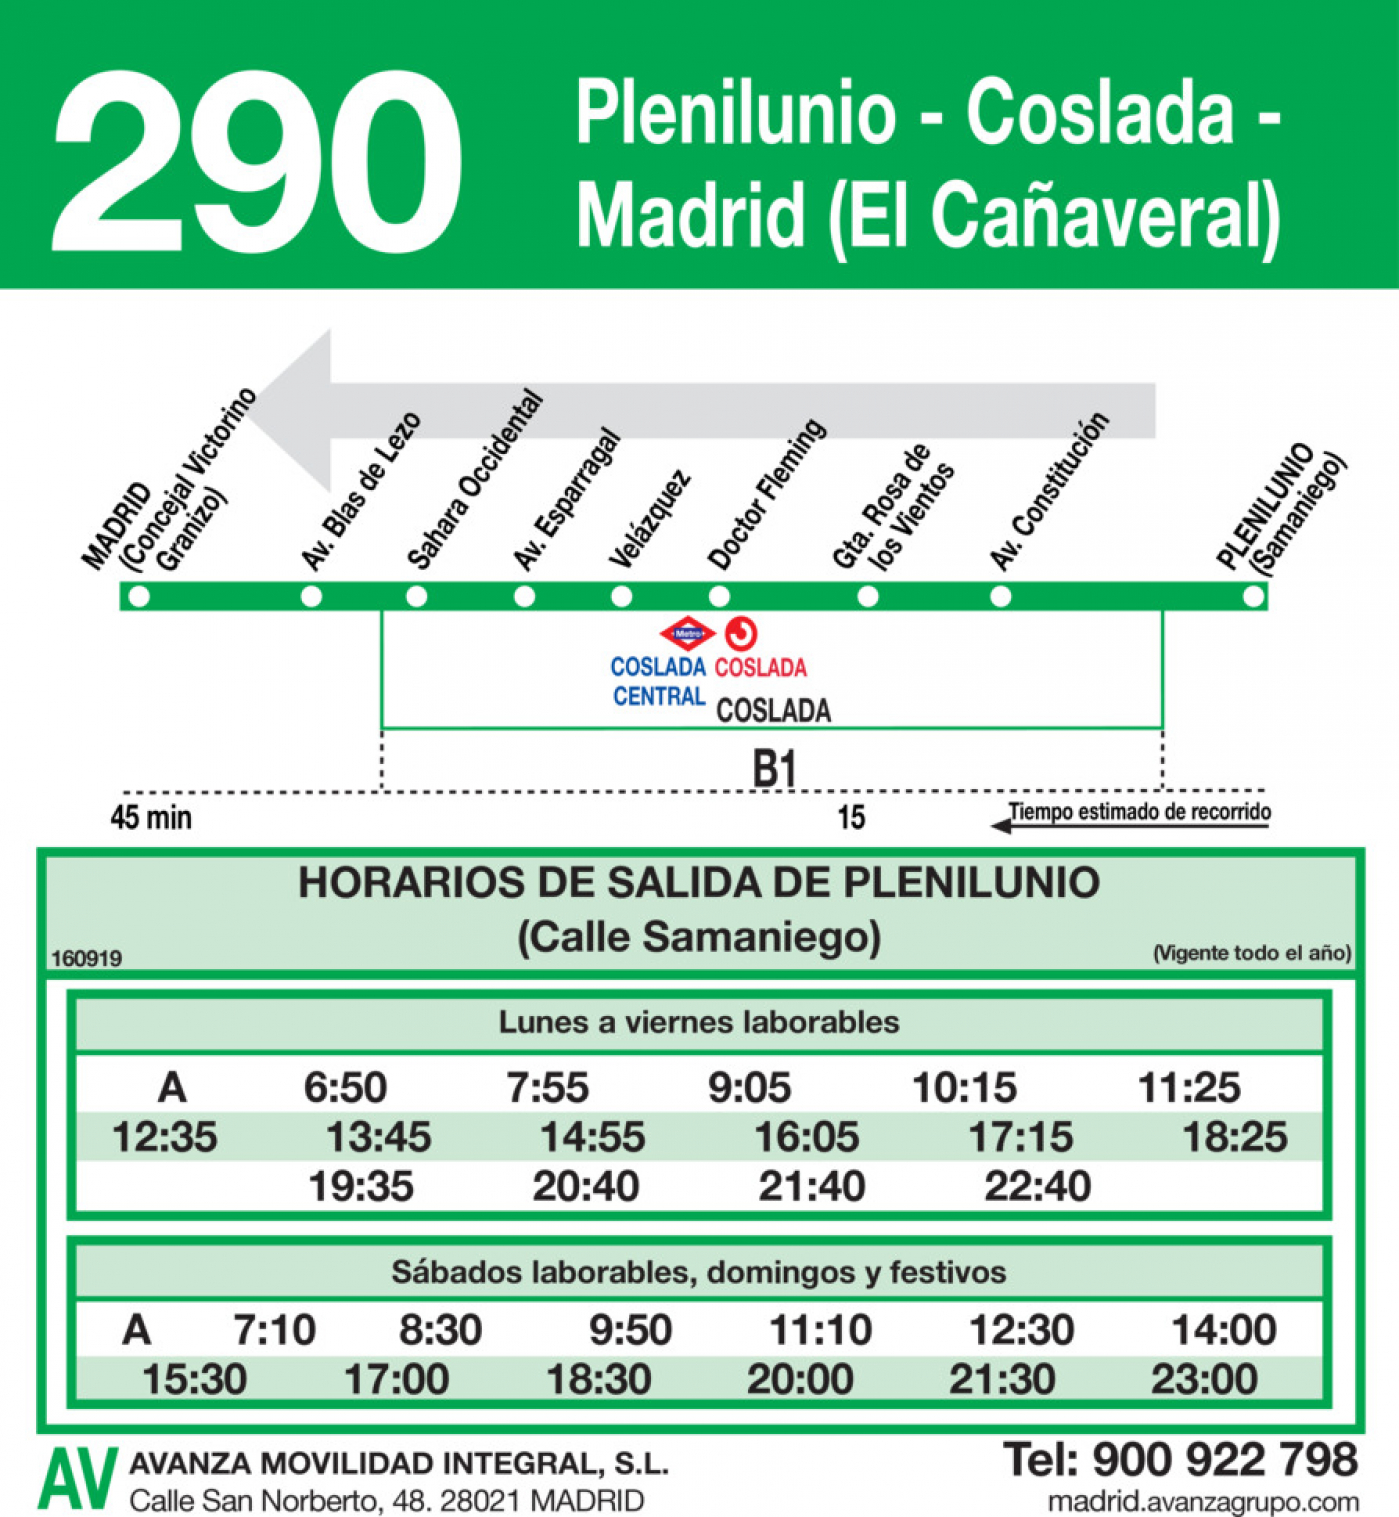 Tabla de horarios y frecuencias de paso en sentido vuelta Línea 290: Madrid (El Cañaveral) - Coslada (Plenilunio)